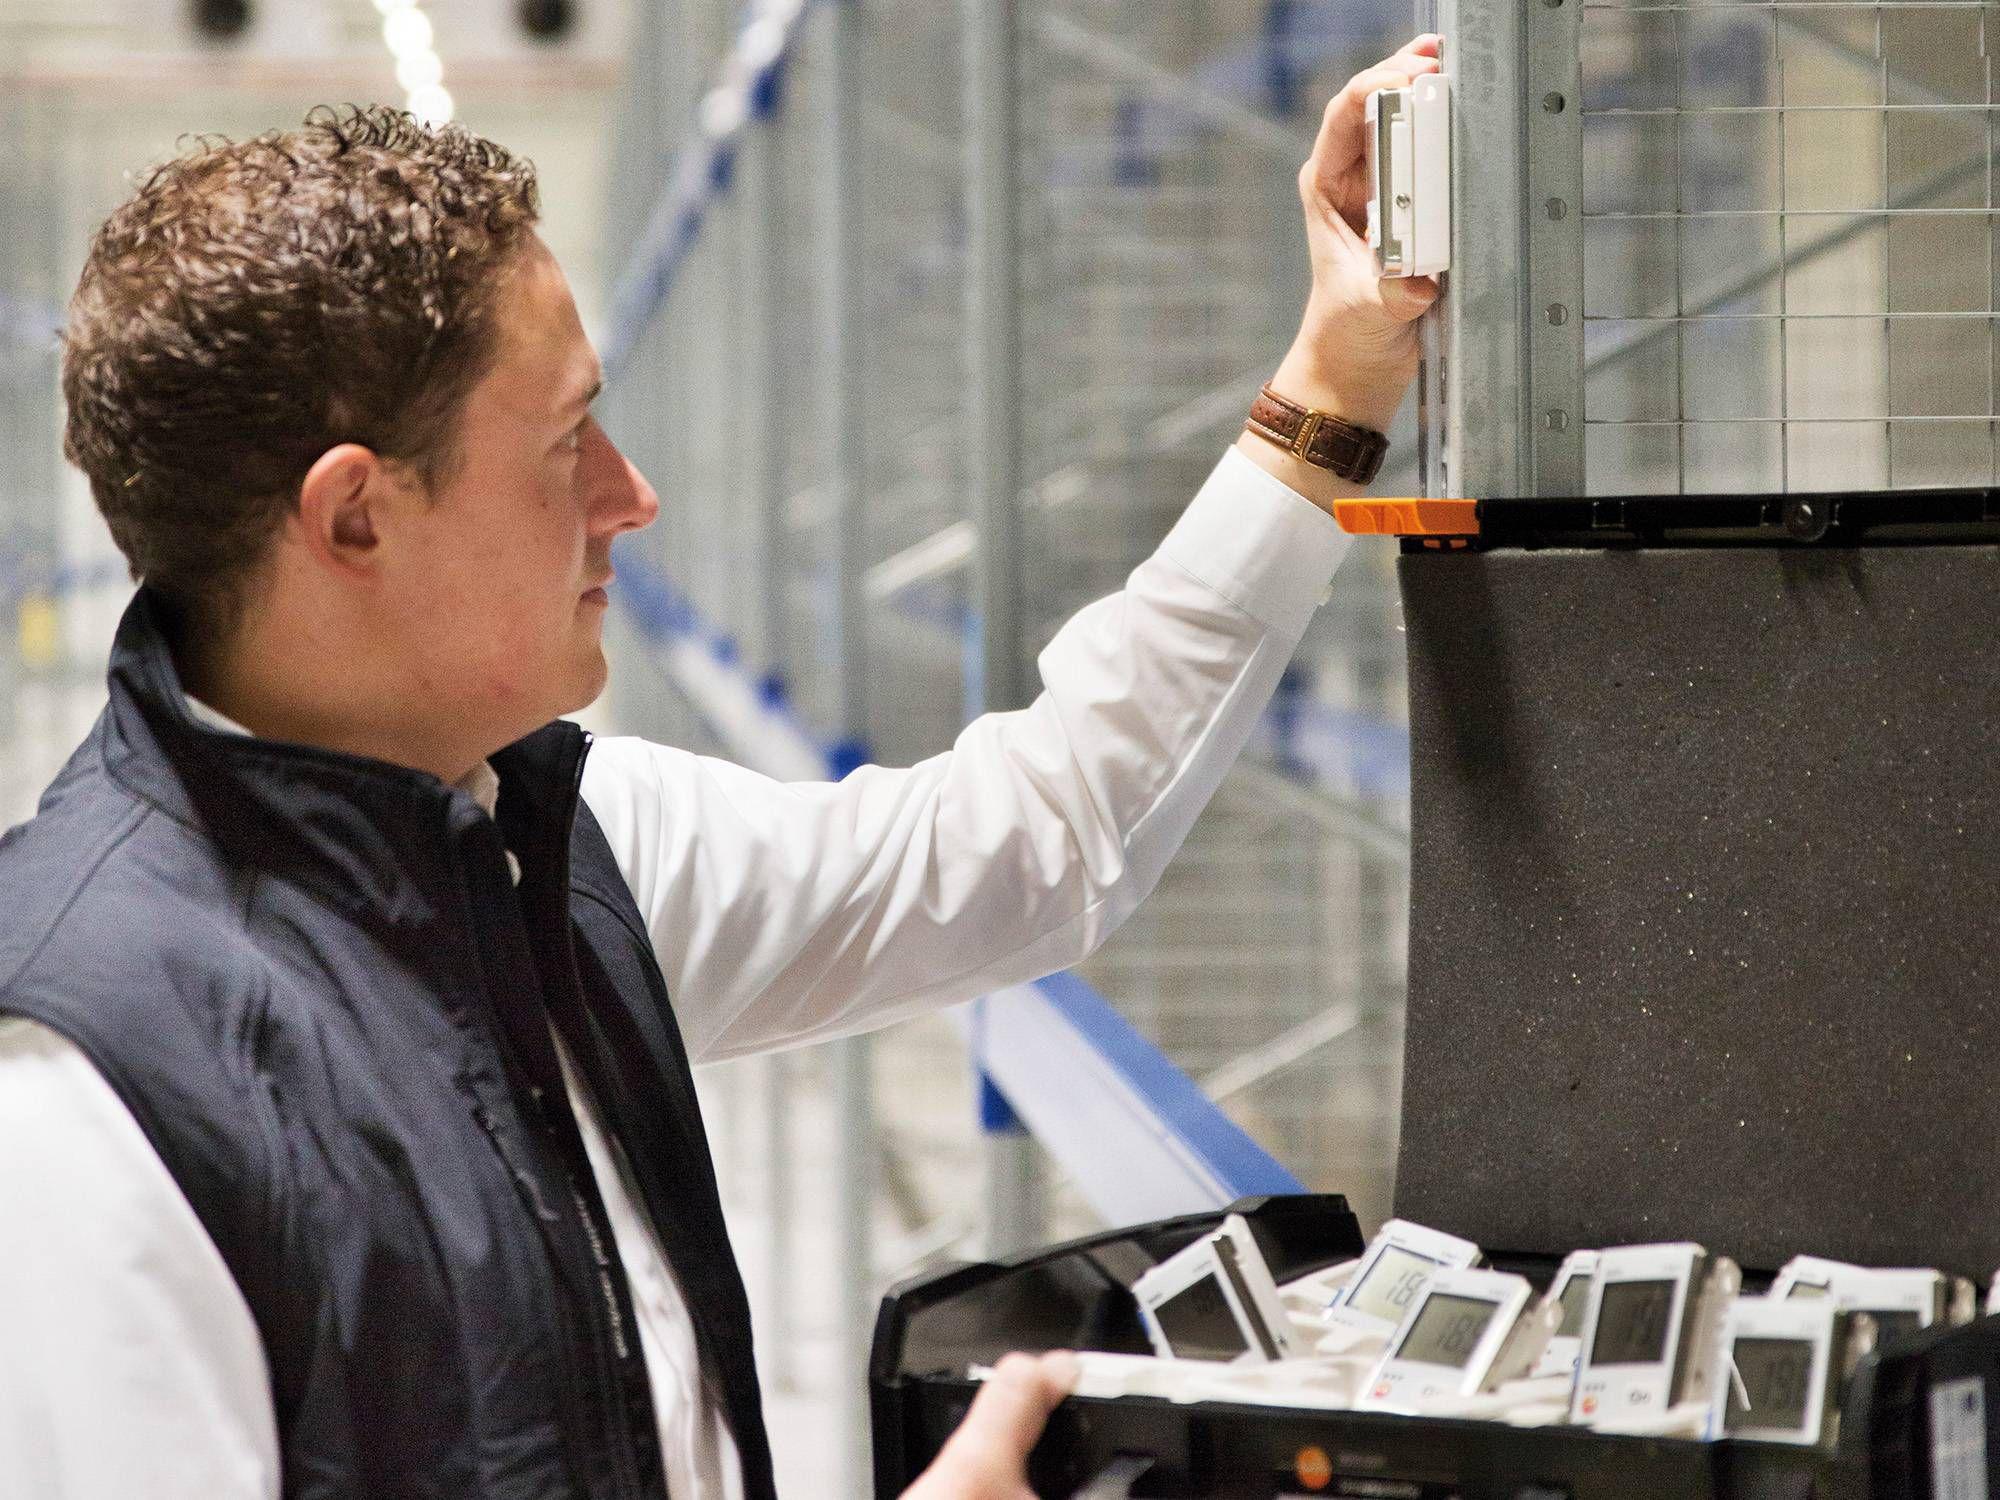 使用数据记录仪检查高架仓库的温度和湿度状况